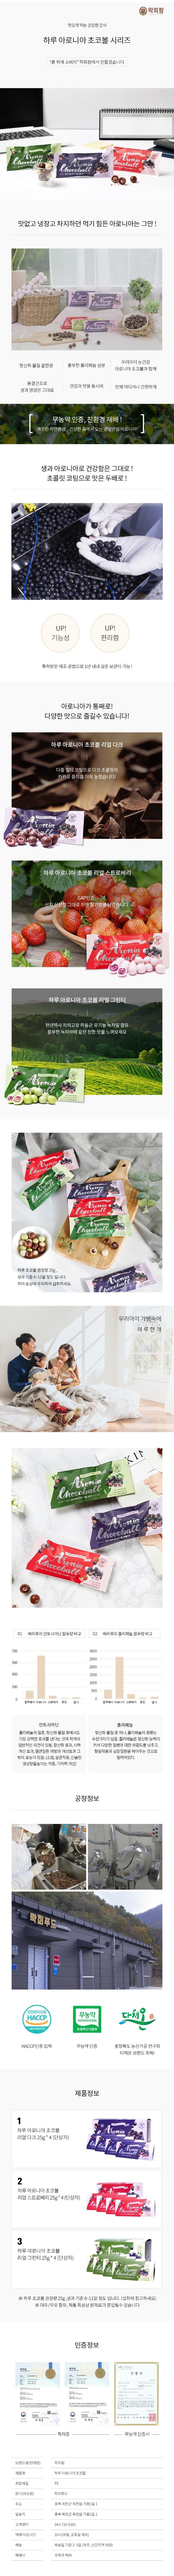 5.락희팜 전시품목 제품사진.jpg